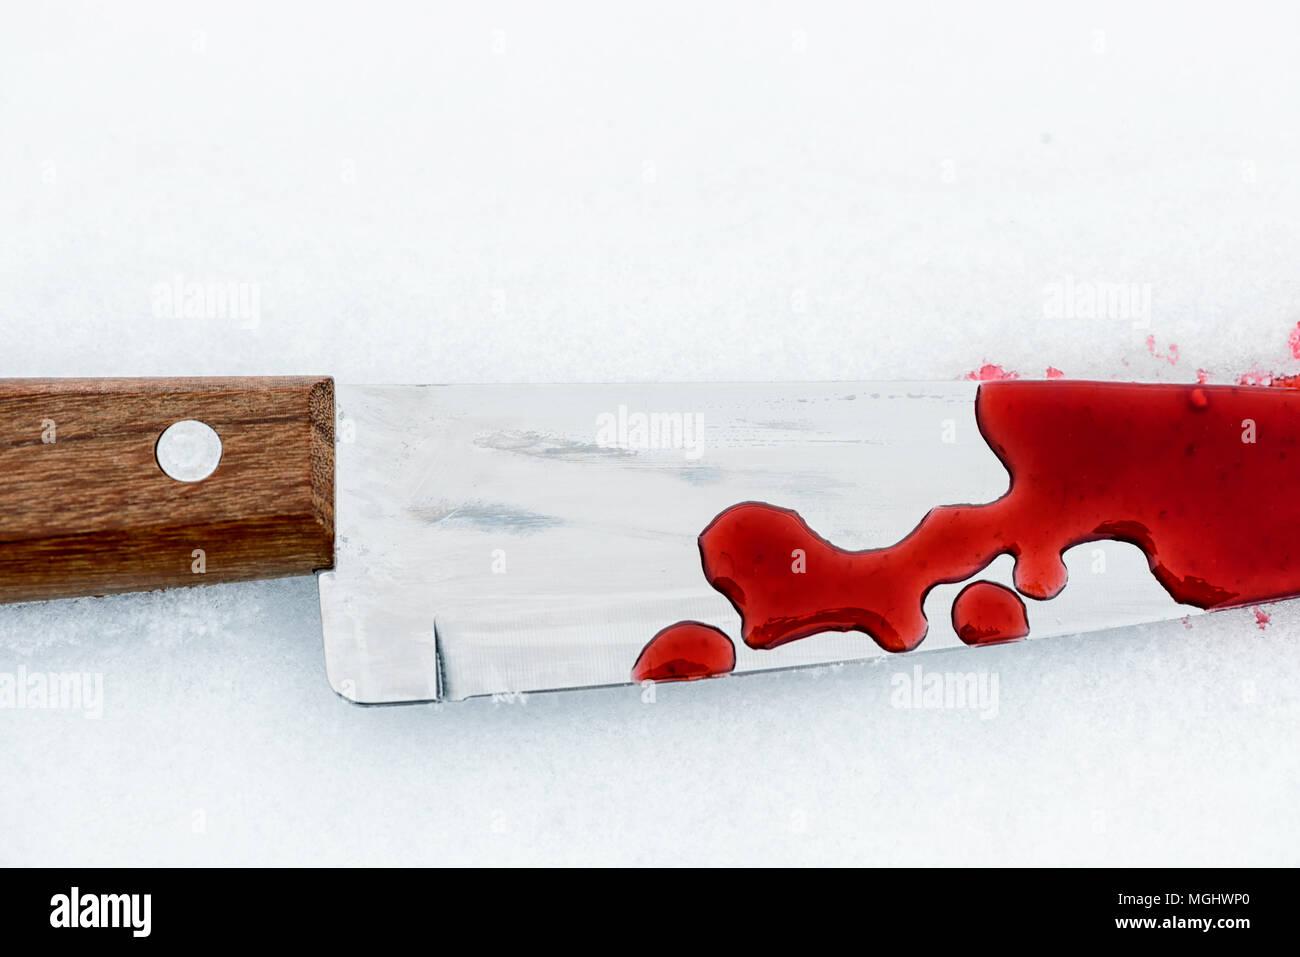 Metallo affilato coltello da cucina bordo utilizzato come un violento omicidio arma con gocce di sangue su un bianco della neve sullo sfondo. Lama rivestita in violenza con spazio di copia Immagini Stock